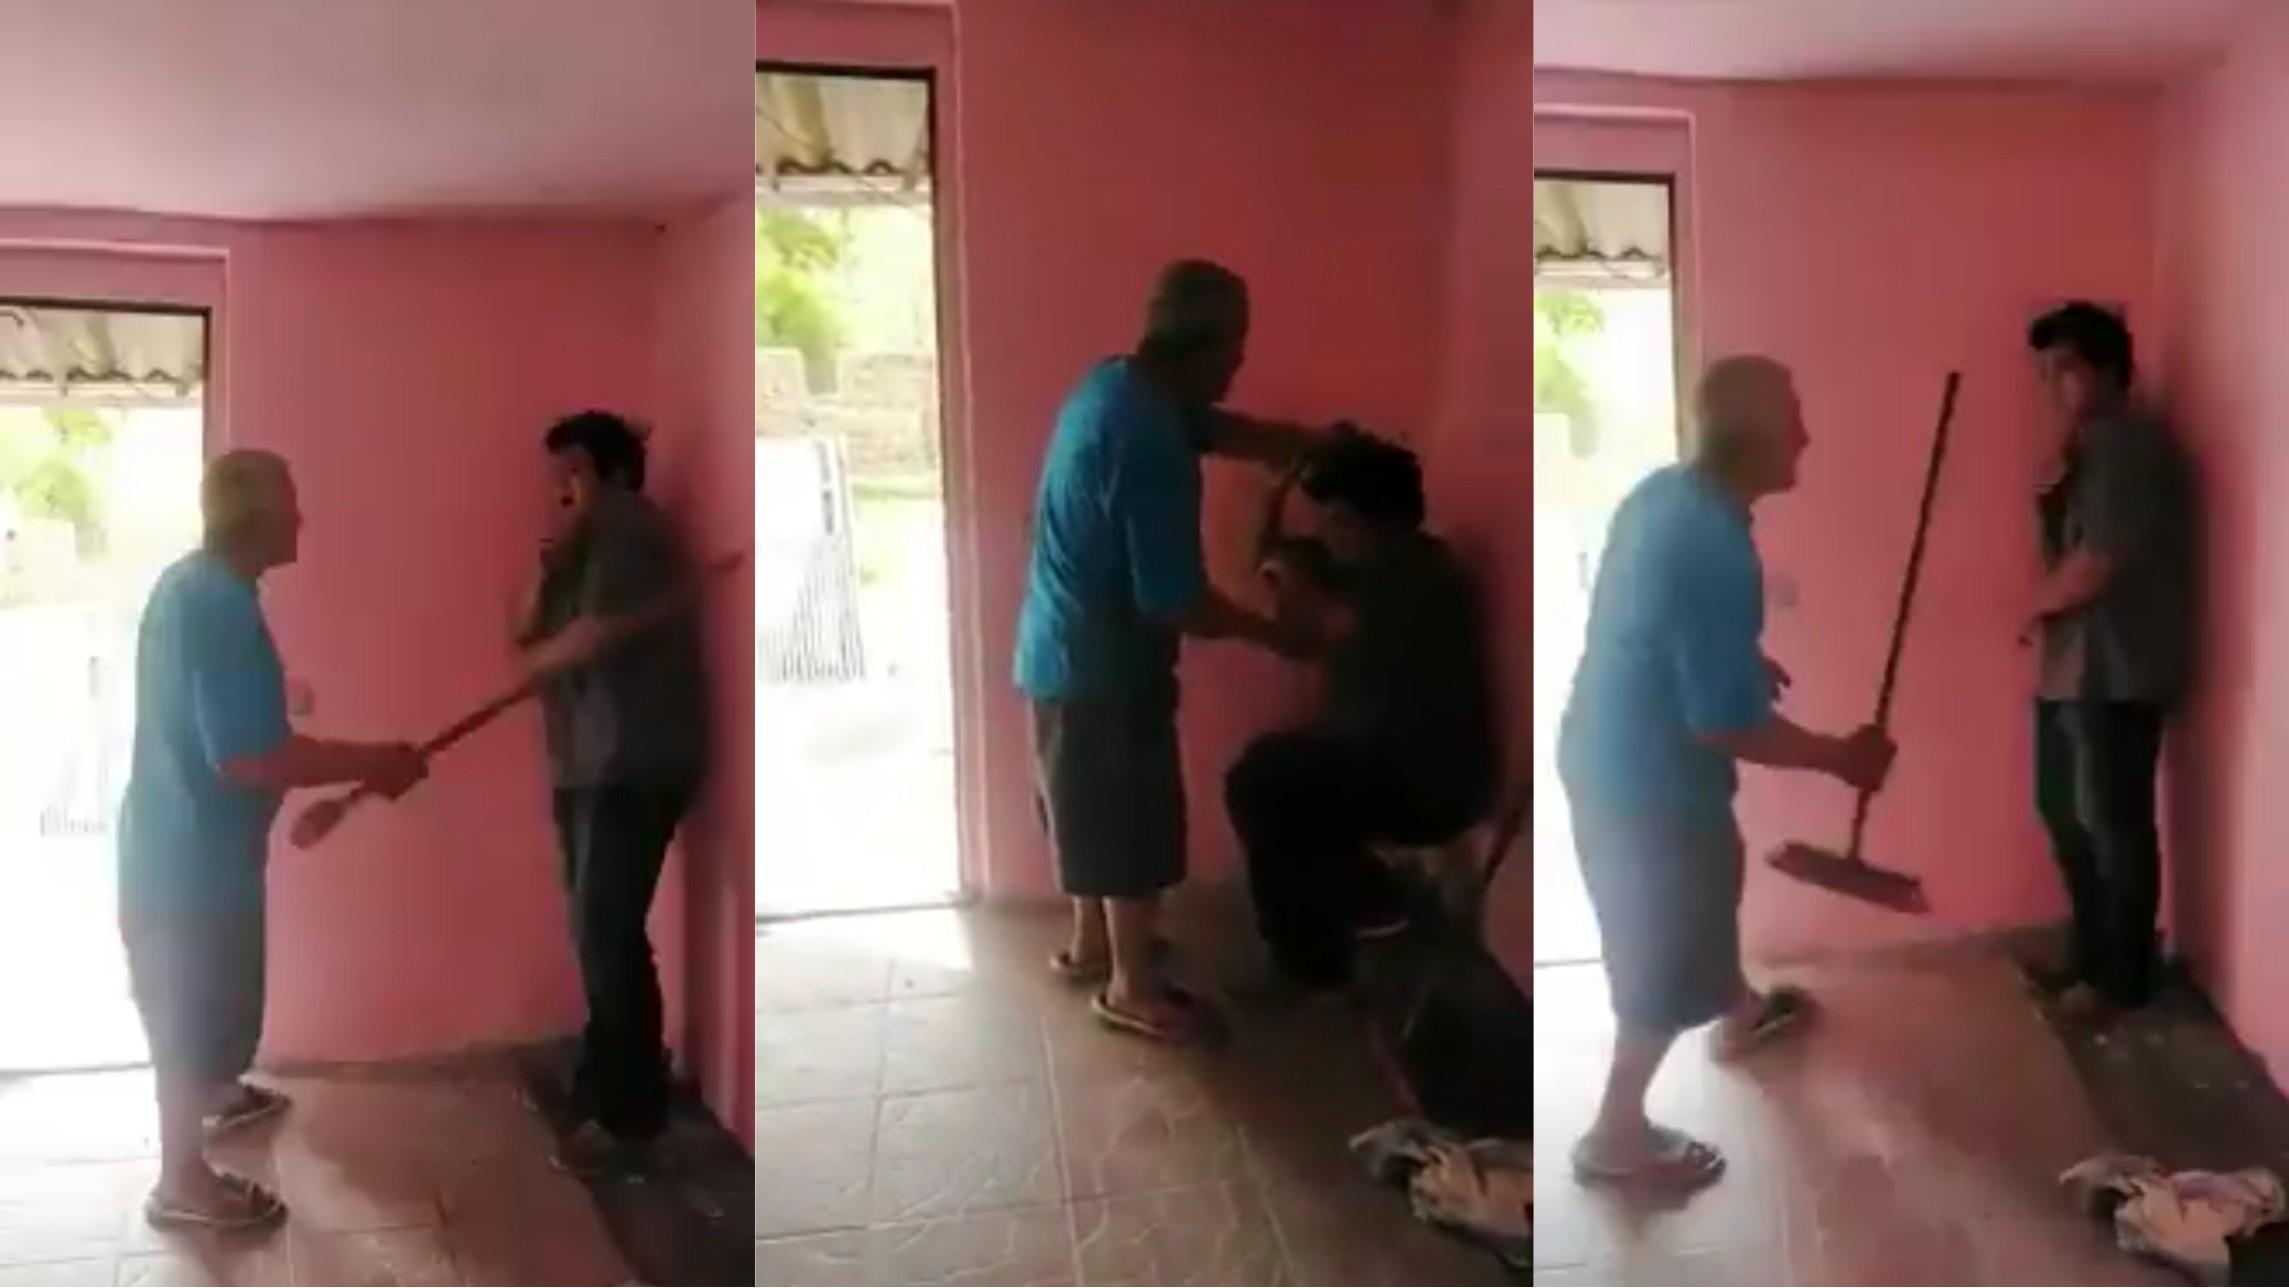 Tată filmat când își bate băiatul pentru că ar fi furat din casă